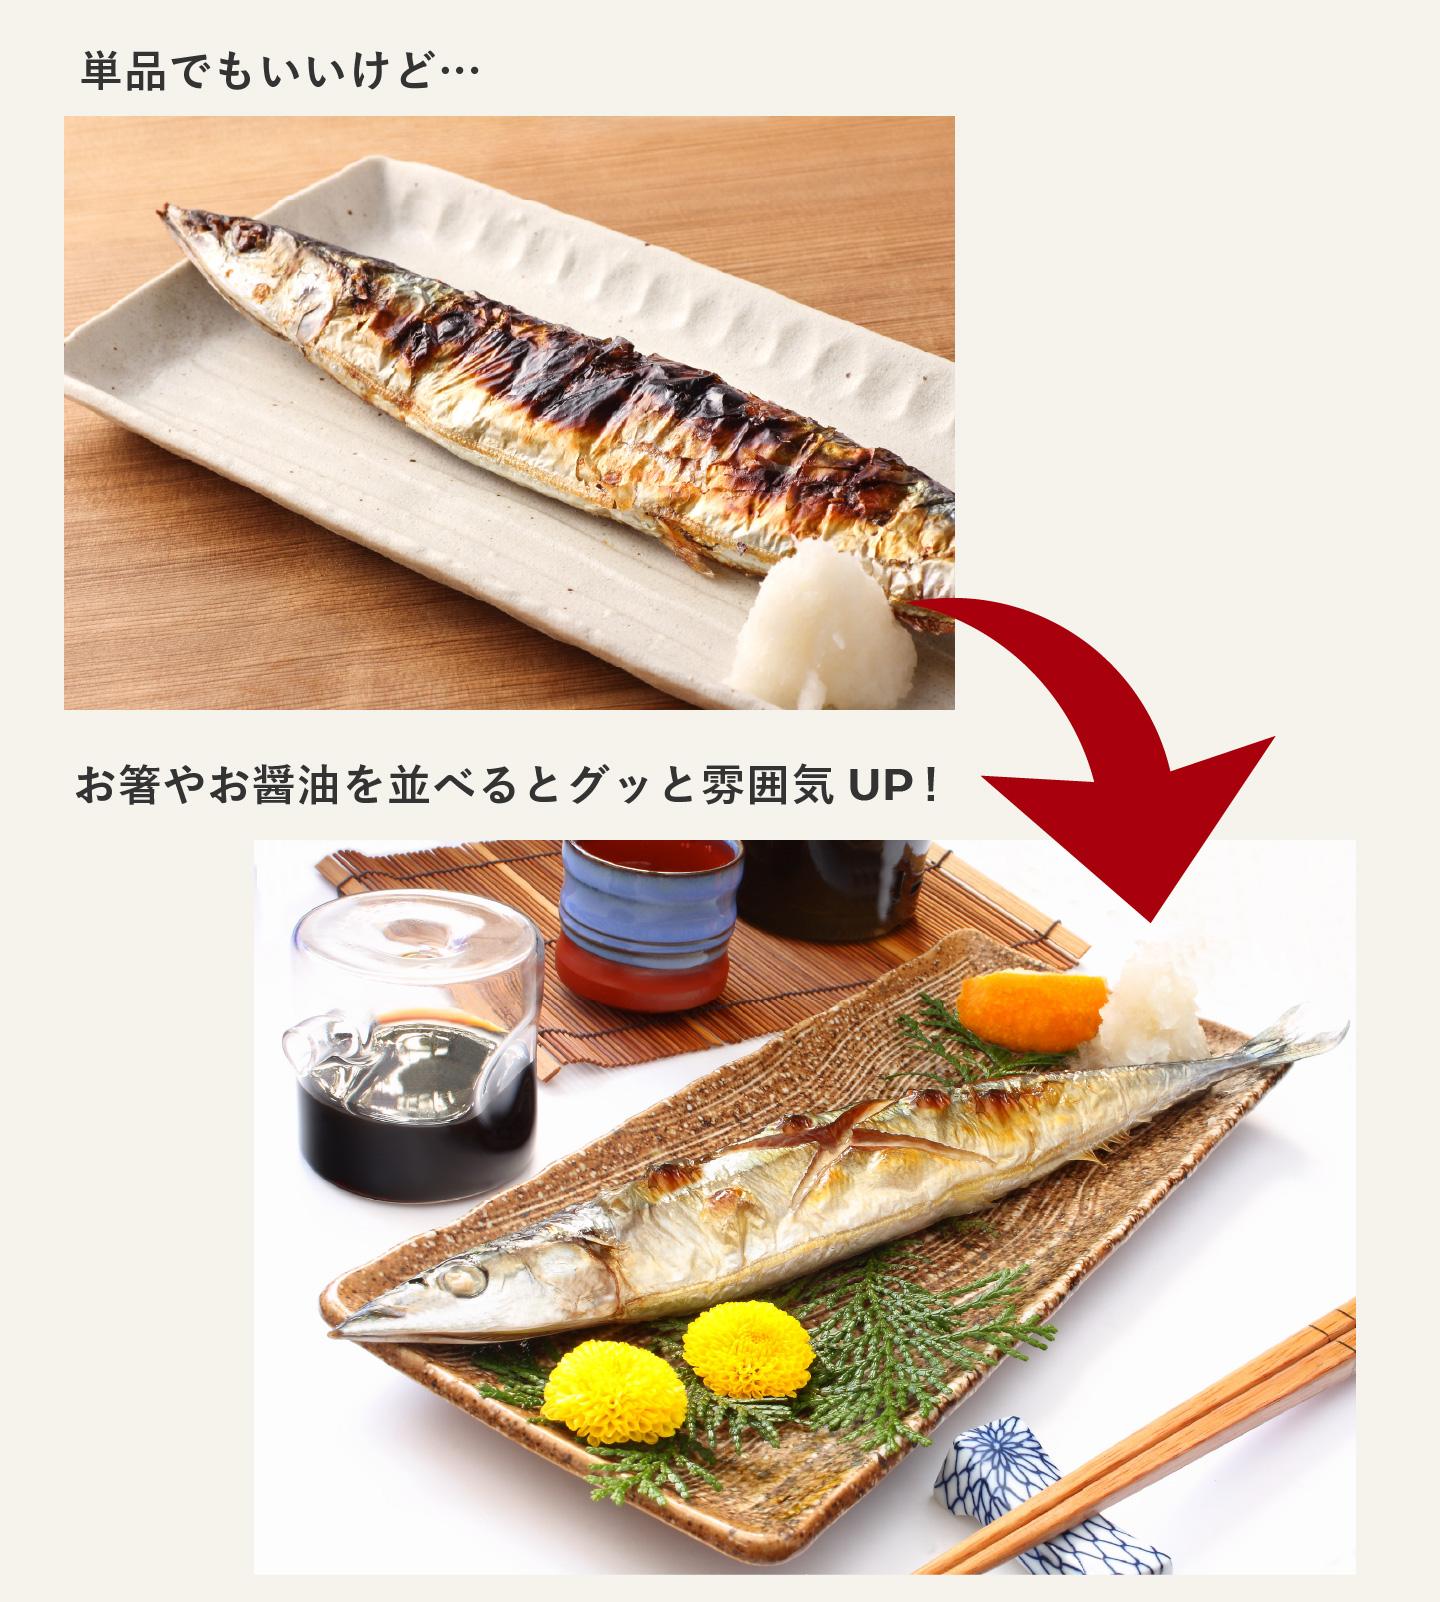 料理写真の背景に小物を並べてみよう